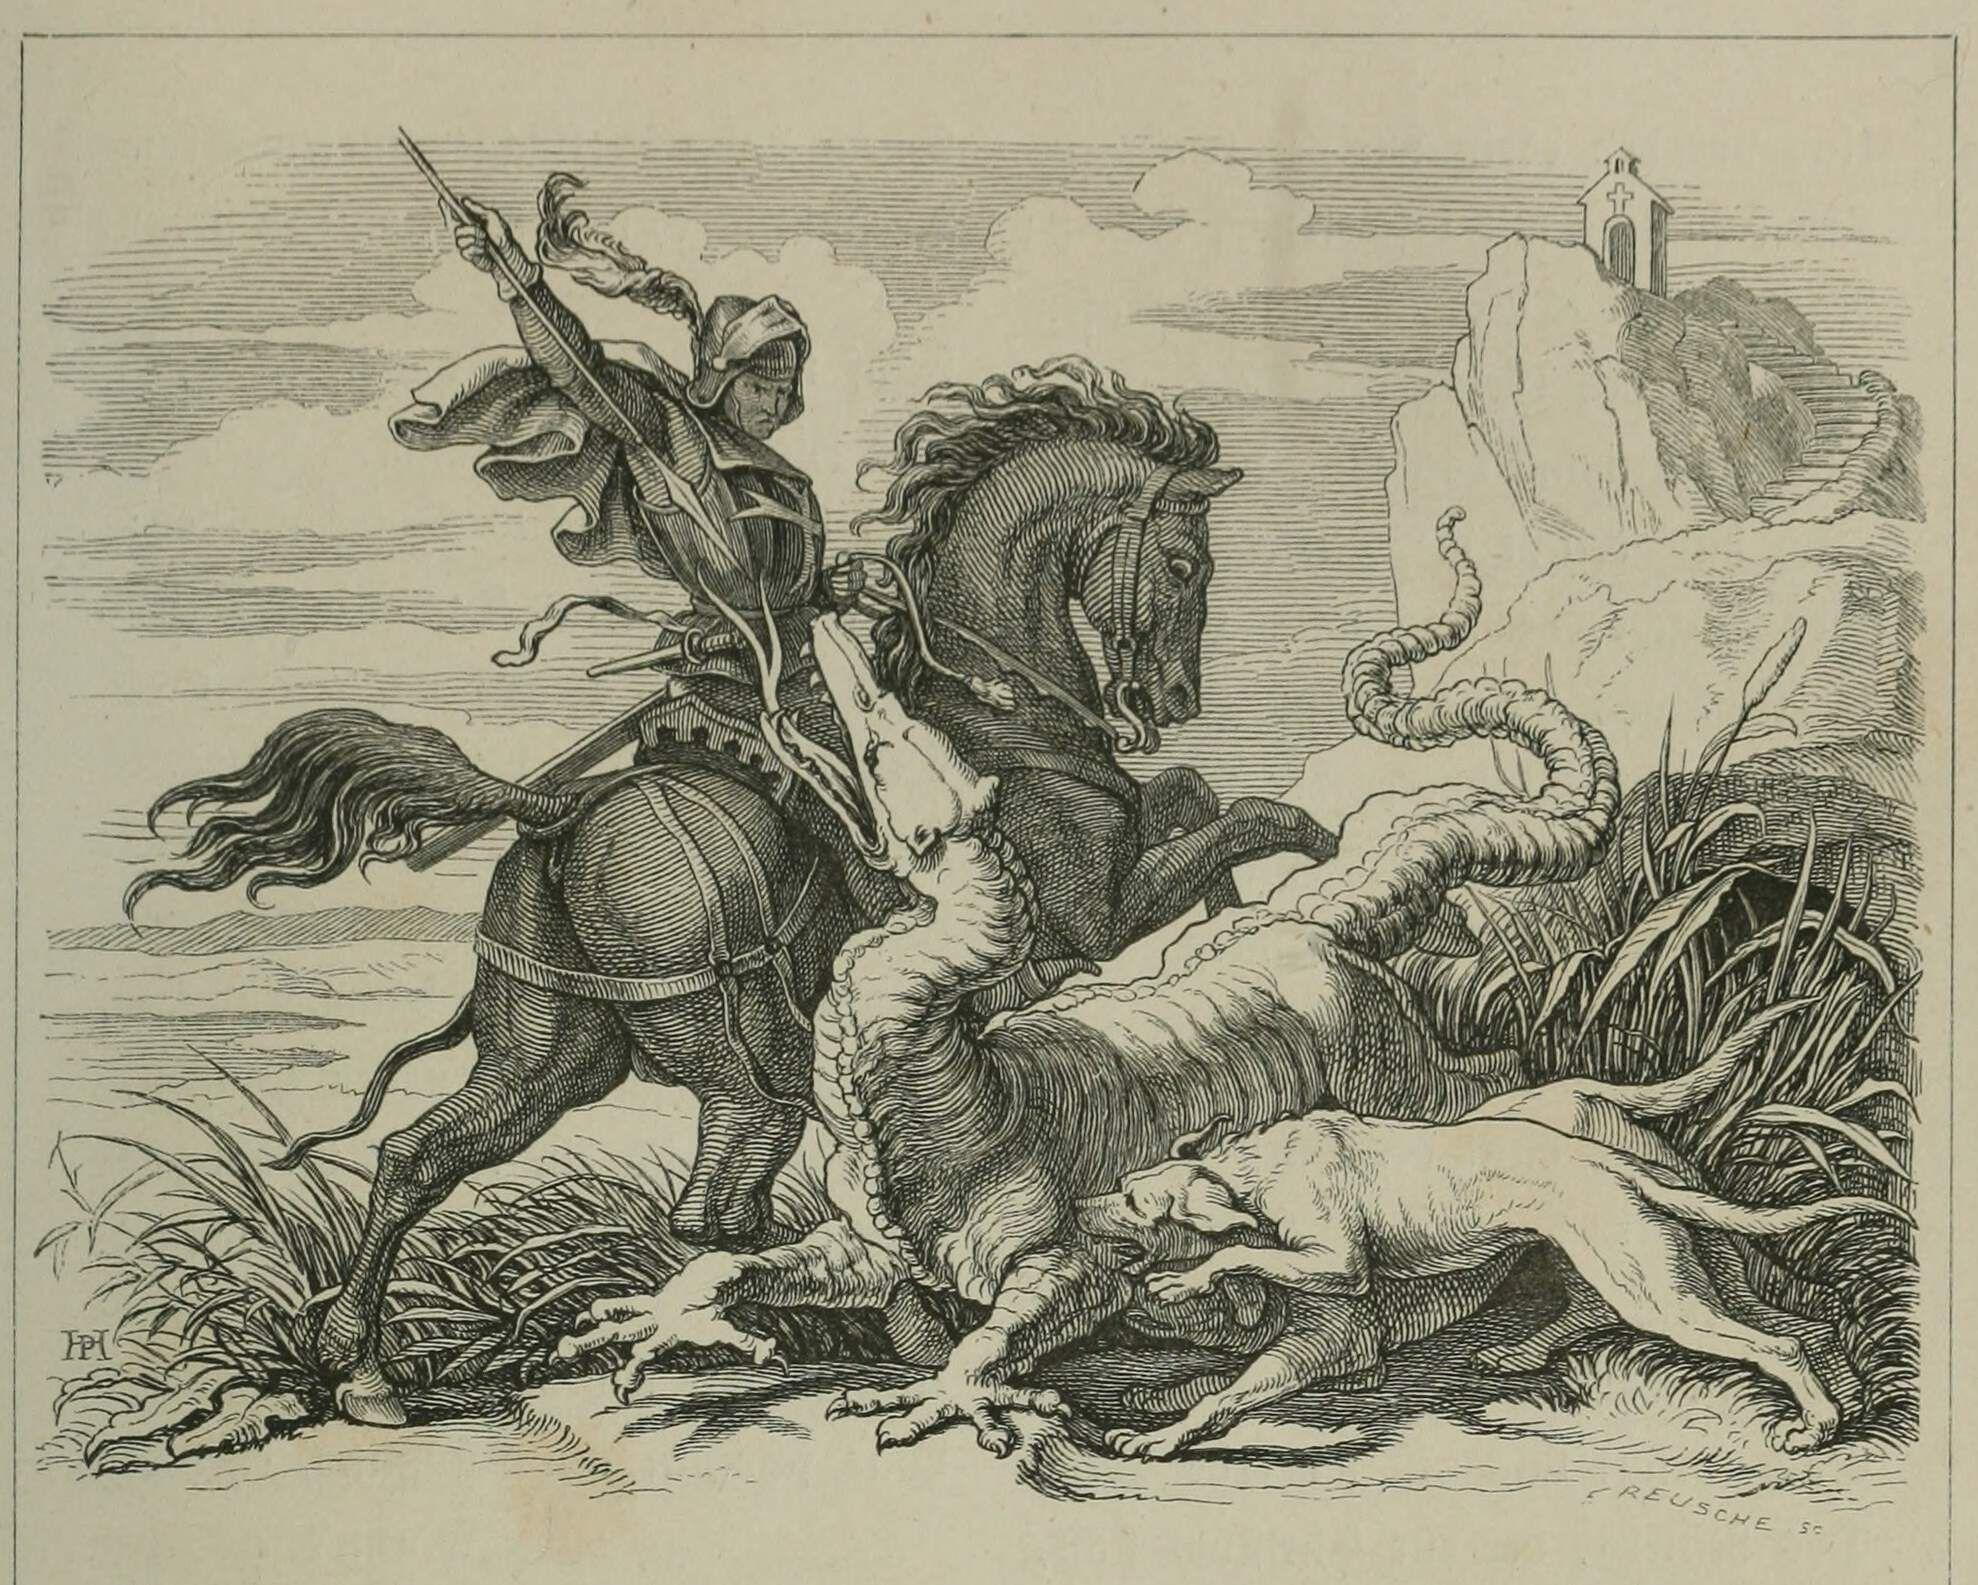 Dragons In Book Illustrations - Google Zoeken